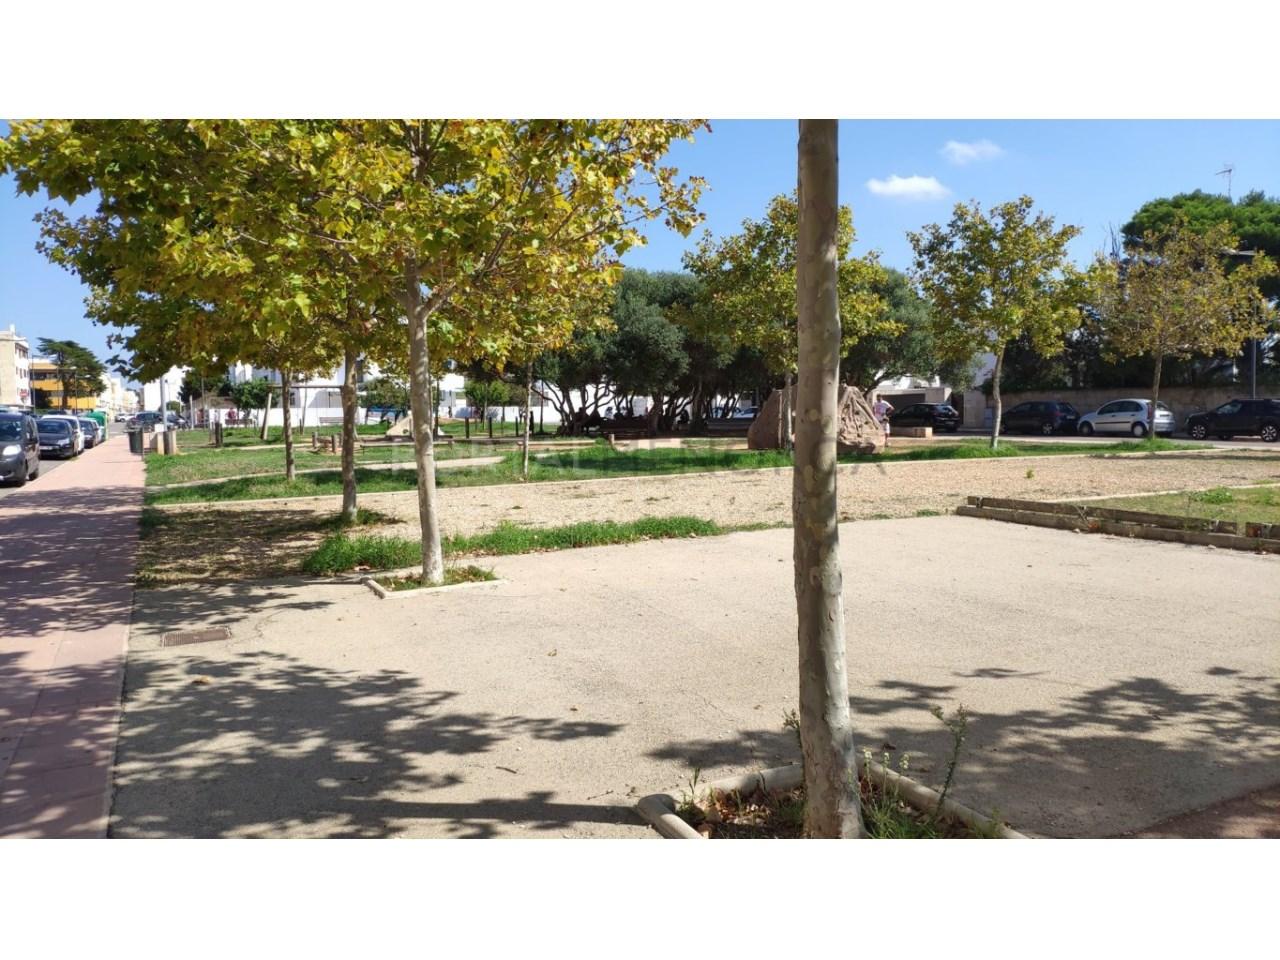 Frist floor apartament for sale in Ciutadella-park